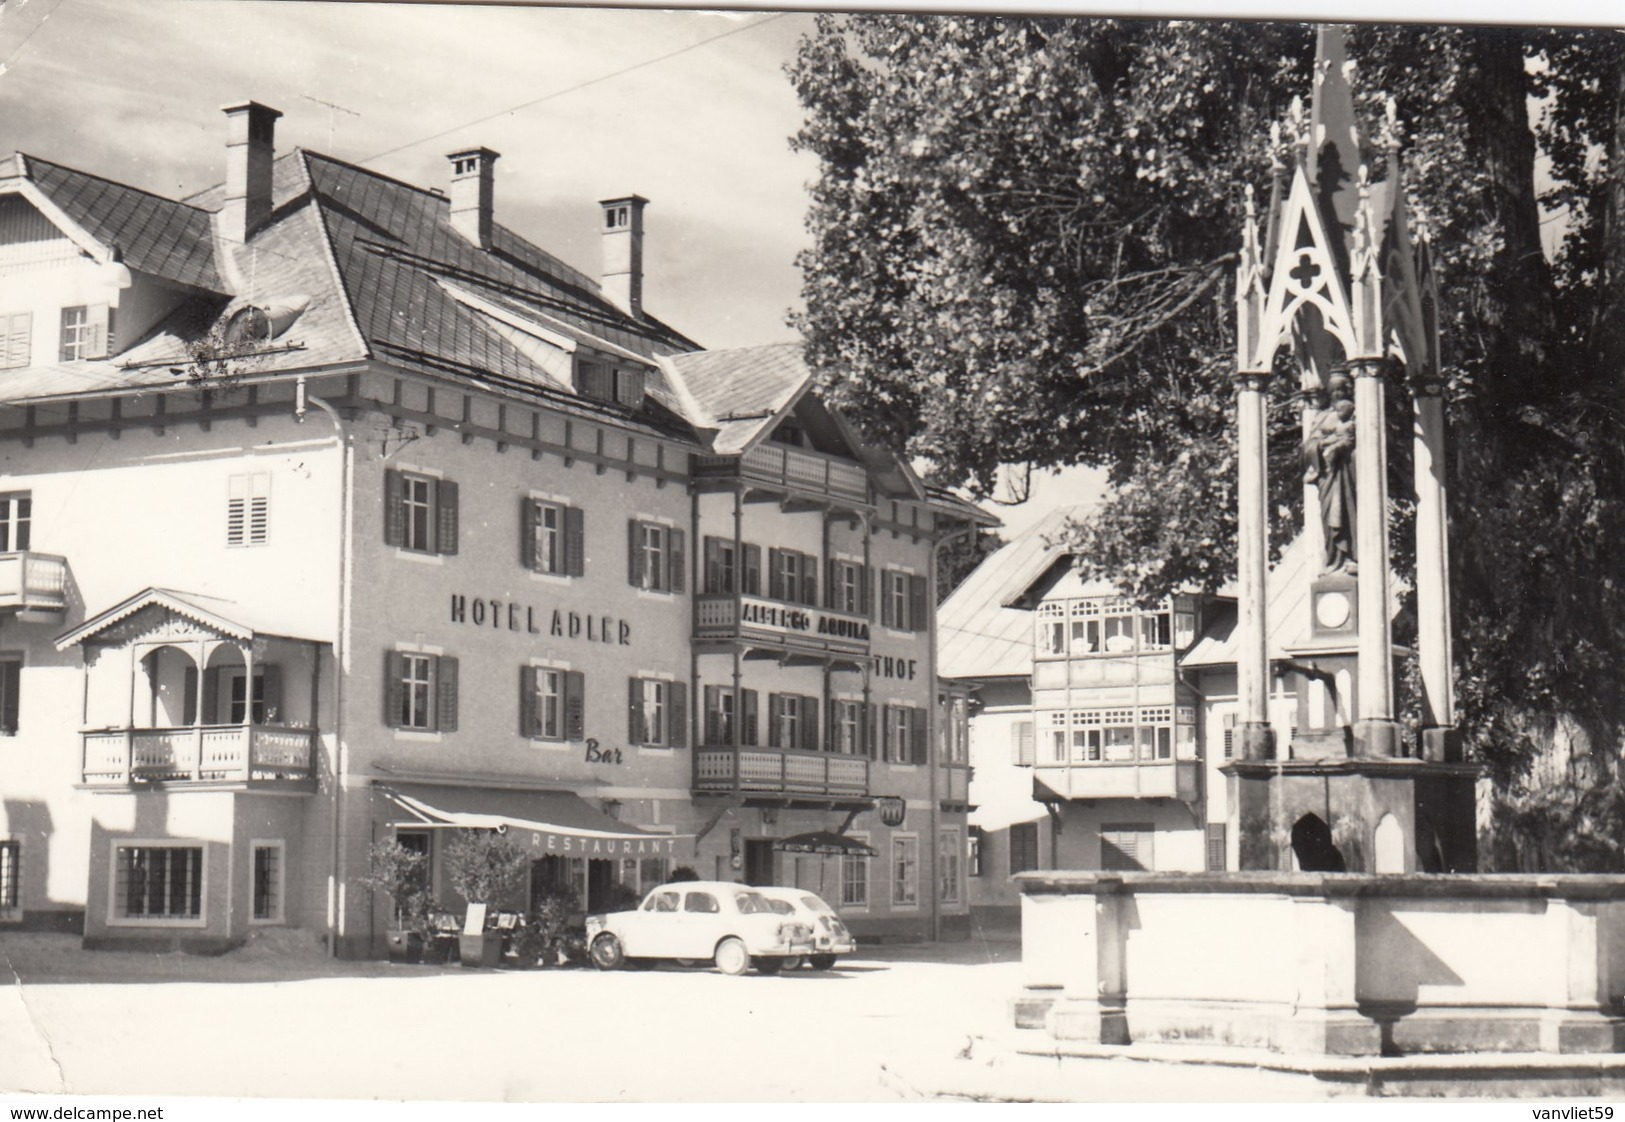 NIEDERDORF-VILLABASSA-BOZEN-BOLZANO-PENSIONE=AQUILA-ADLER=CARTOLINA VERA FOTOGRAFIA VIAGGIATA IL 7-8-1967 - Bolzano (Bozen)